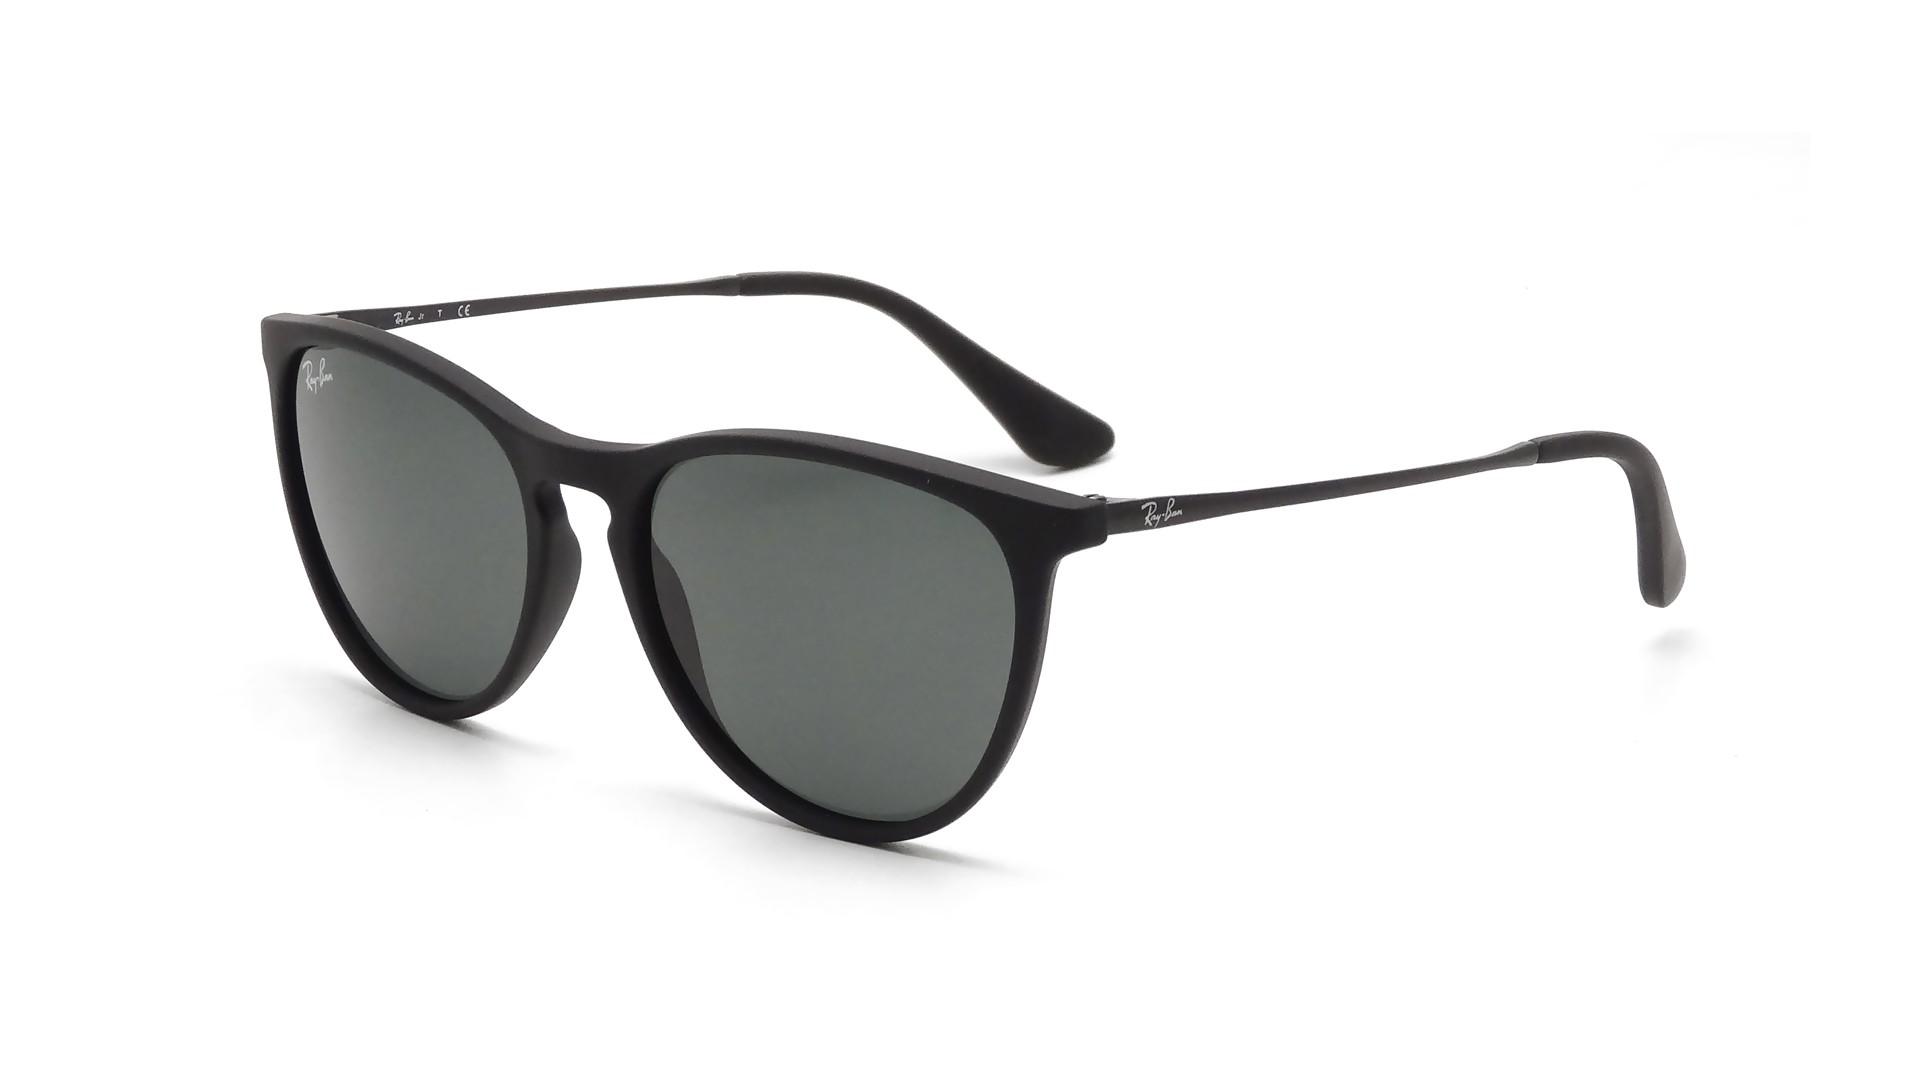 b56c0ed113 Sunglasses Ray-Ban Erika Black RJ9060S 7005 71 50-15 Junior